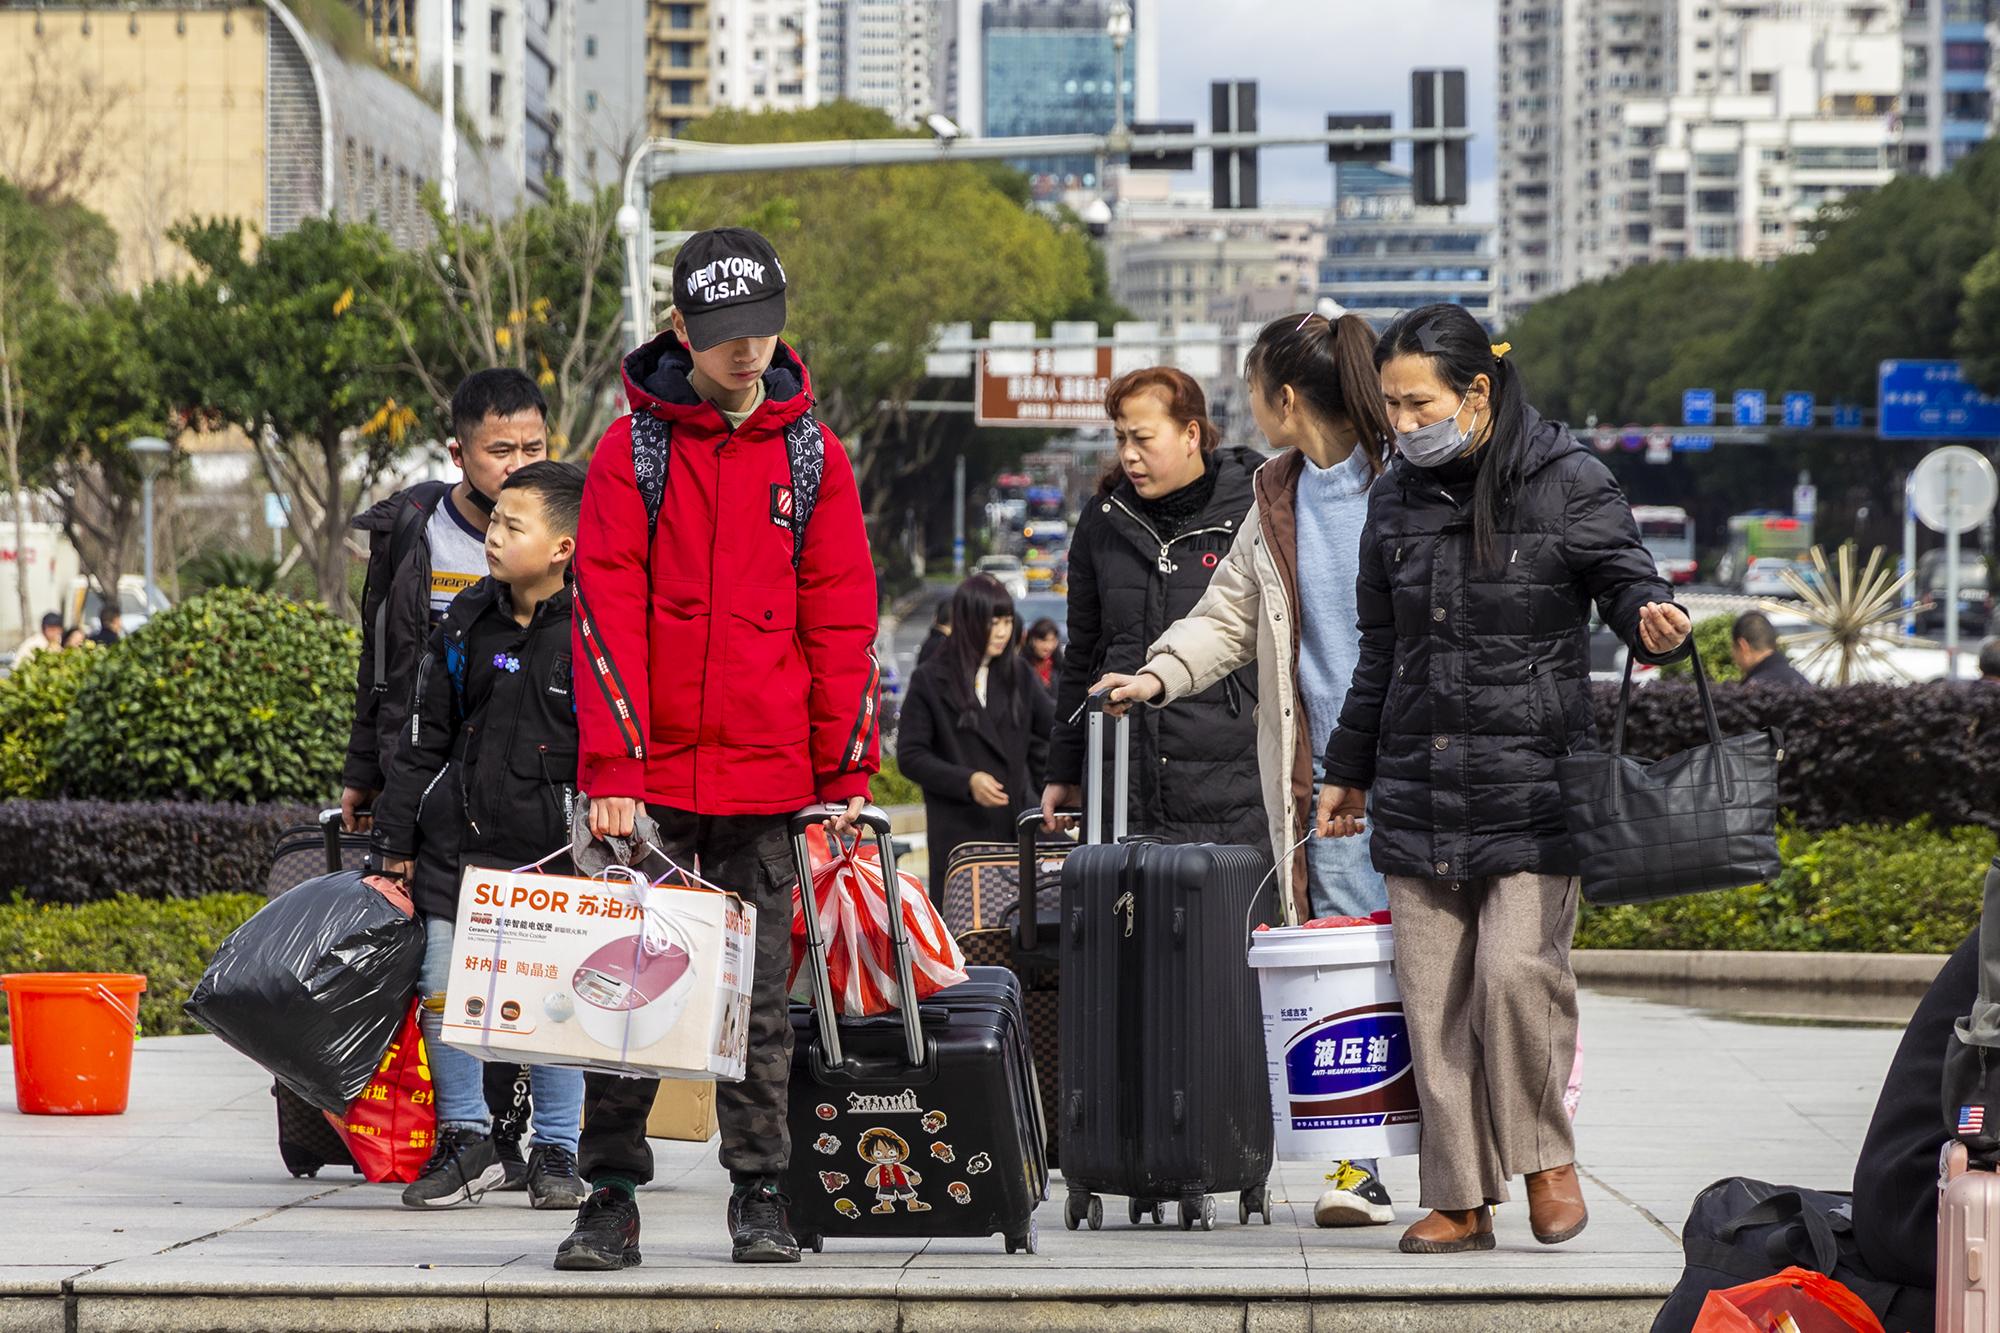 火车站拍春运_(29).jpg